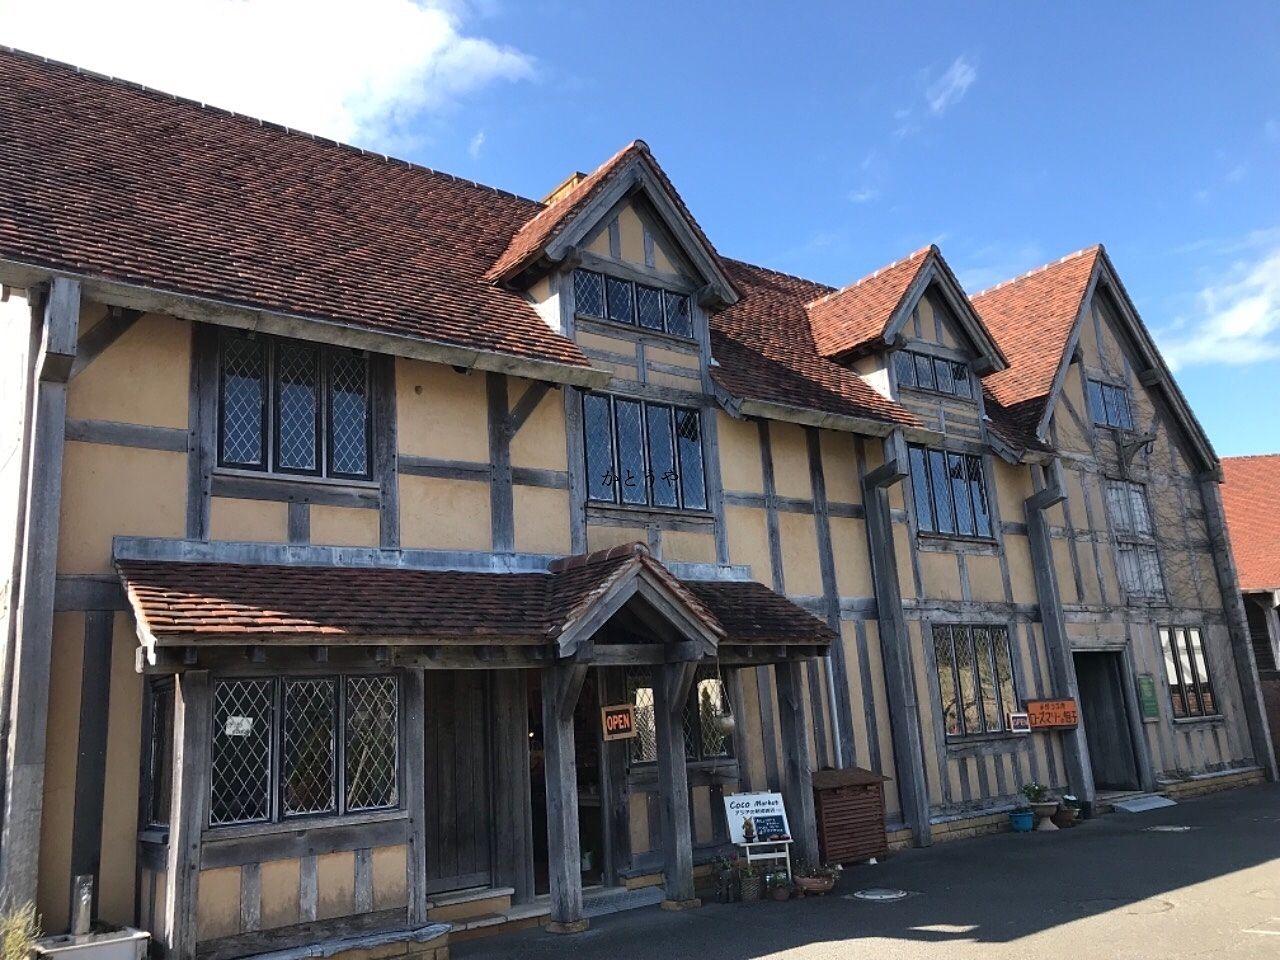 可愛らしい建物が並んでイギリスみたいです。